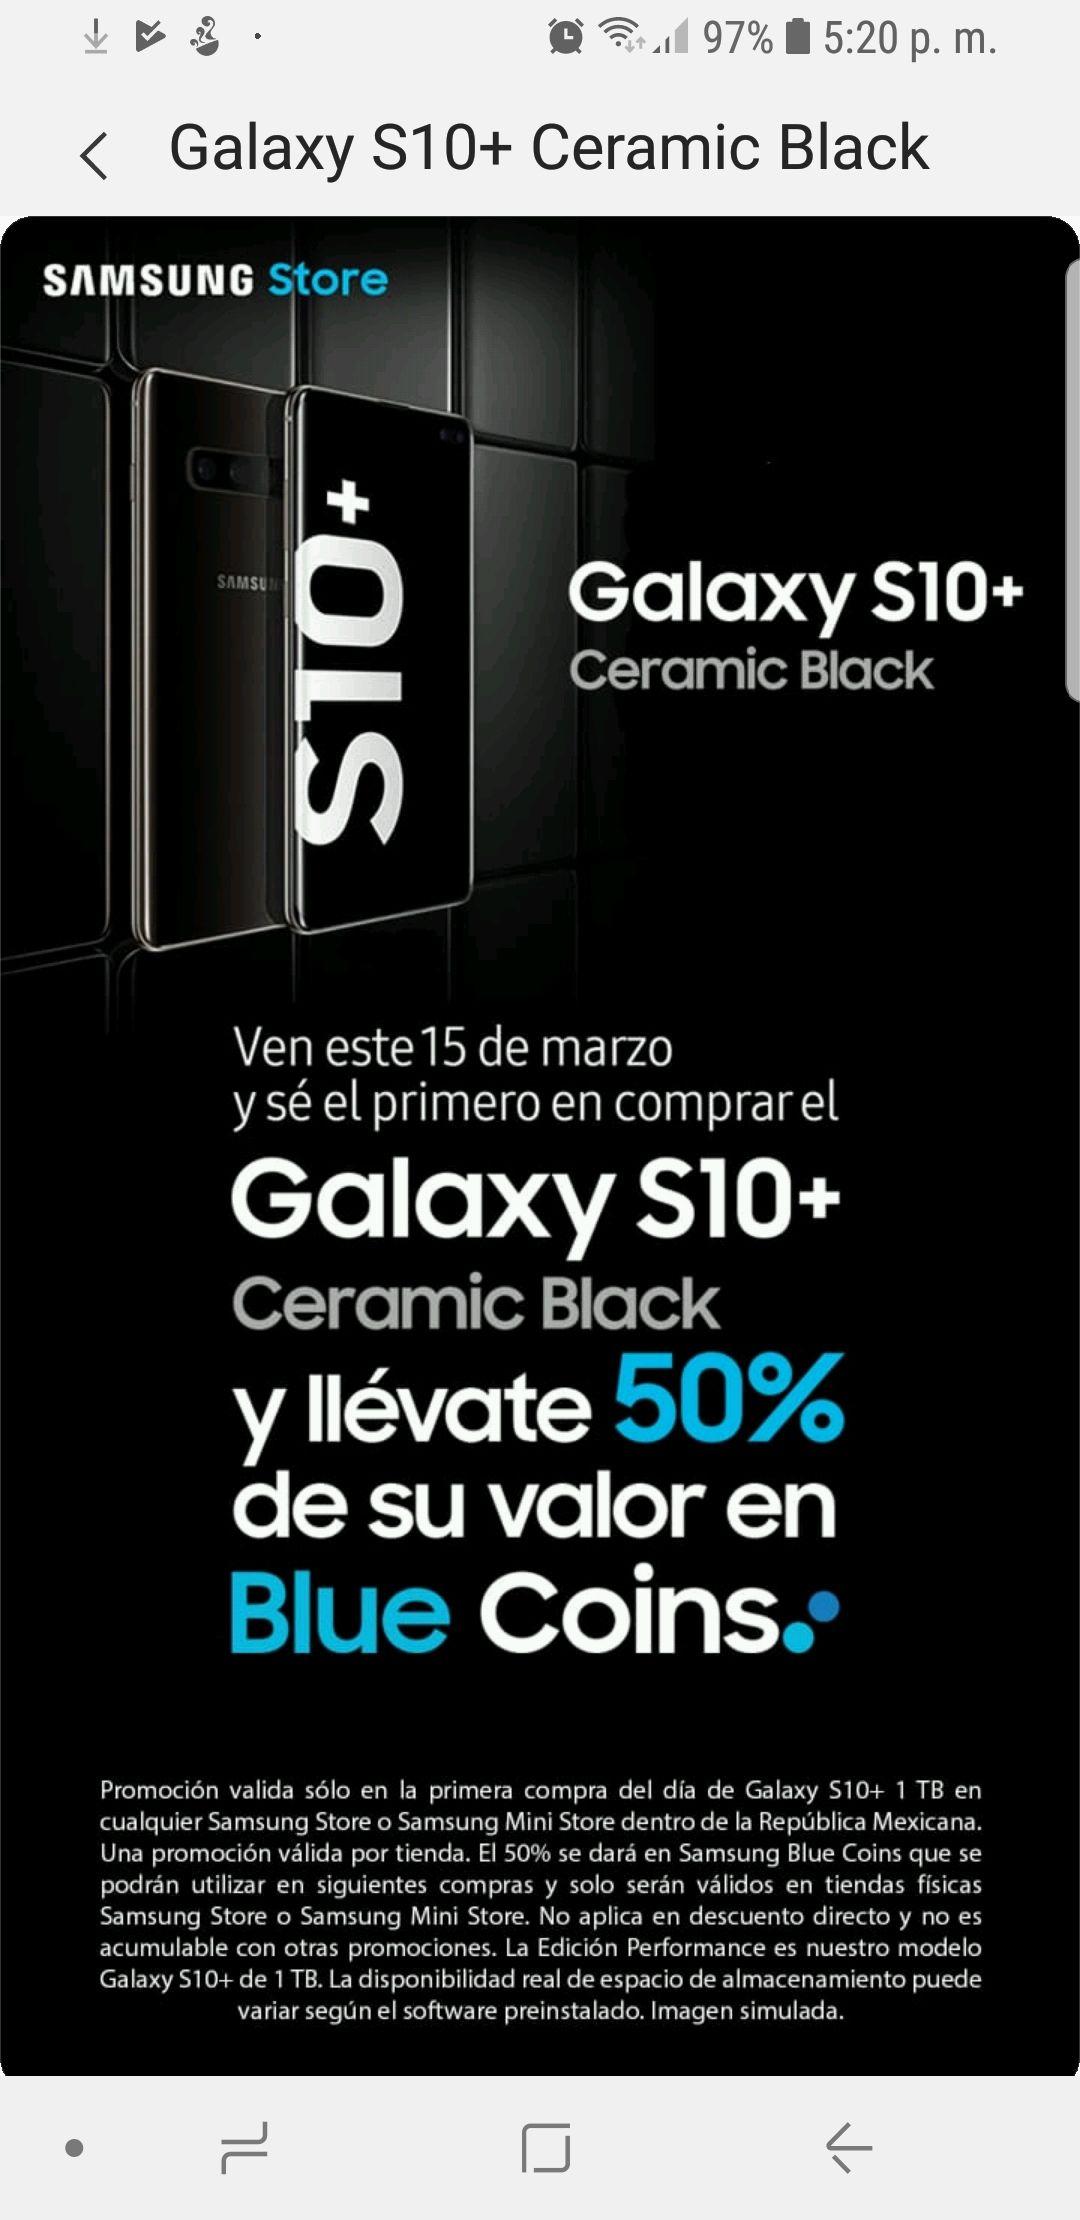 Samsung Store: 50% en Blue Coins Galaxy S10+ Ceramic Black 1Tb (primera venta en cada tiendas físicas)